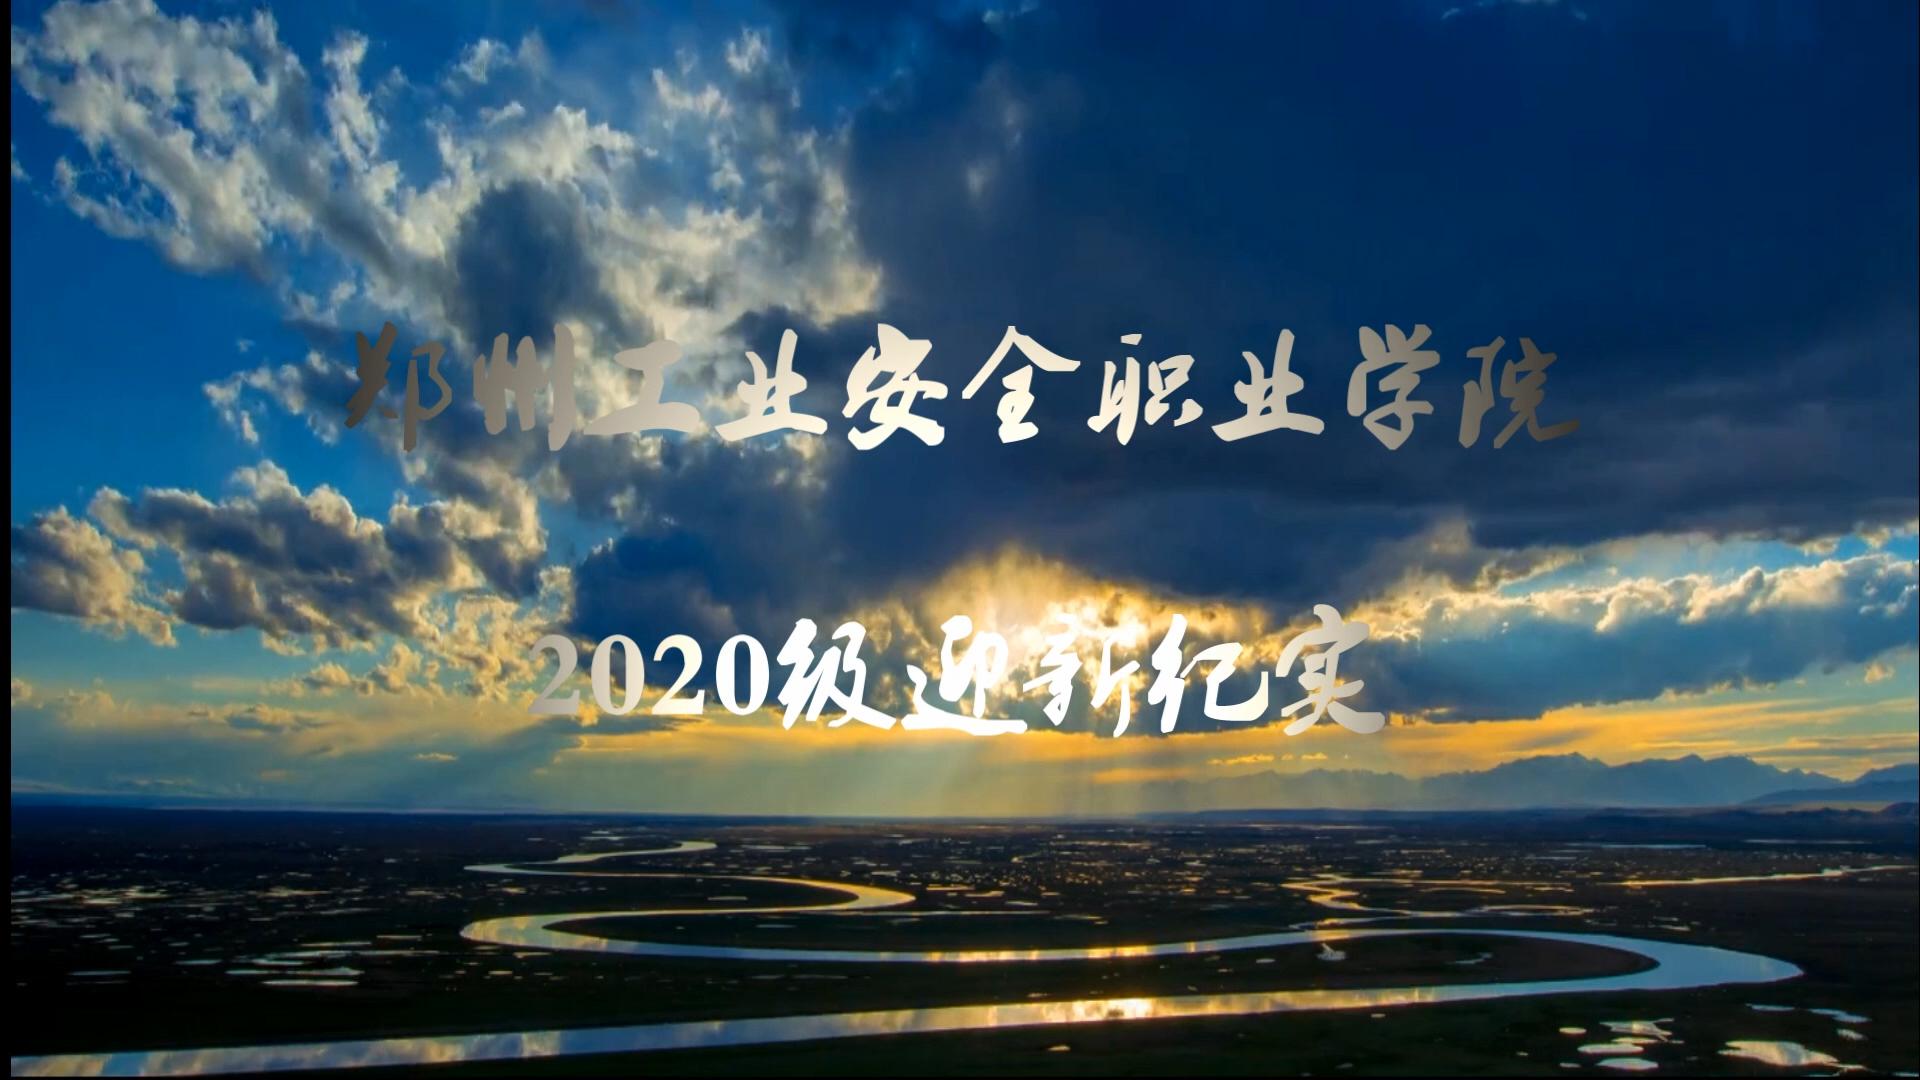 郑州gong业安全星际yu乐国际学院 2020级 迎衛u褪?/></a>                     <p class=